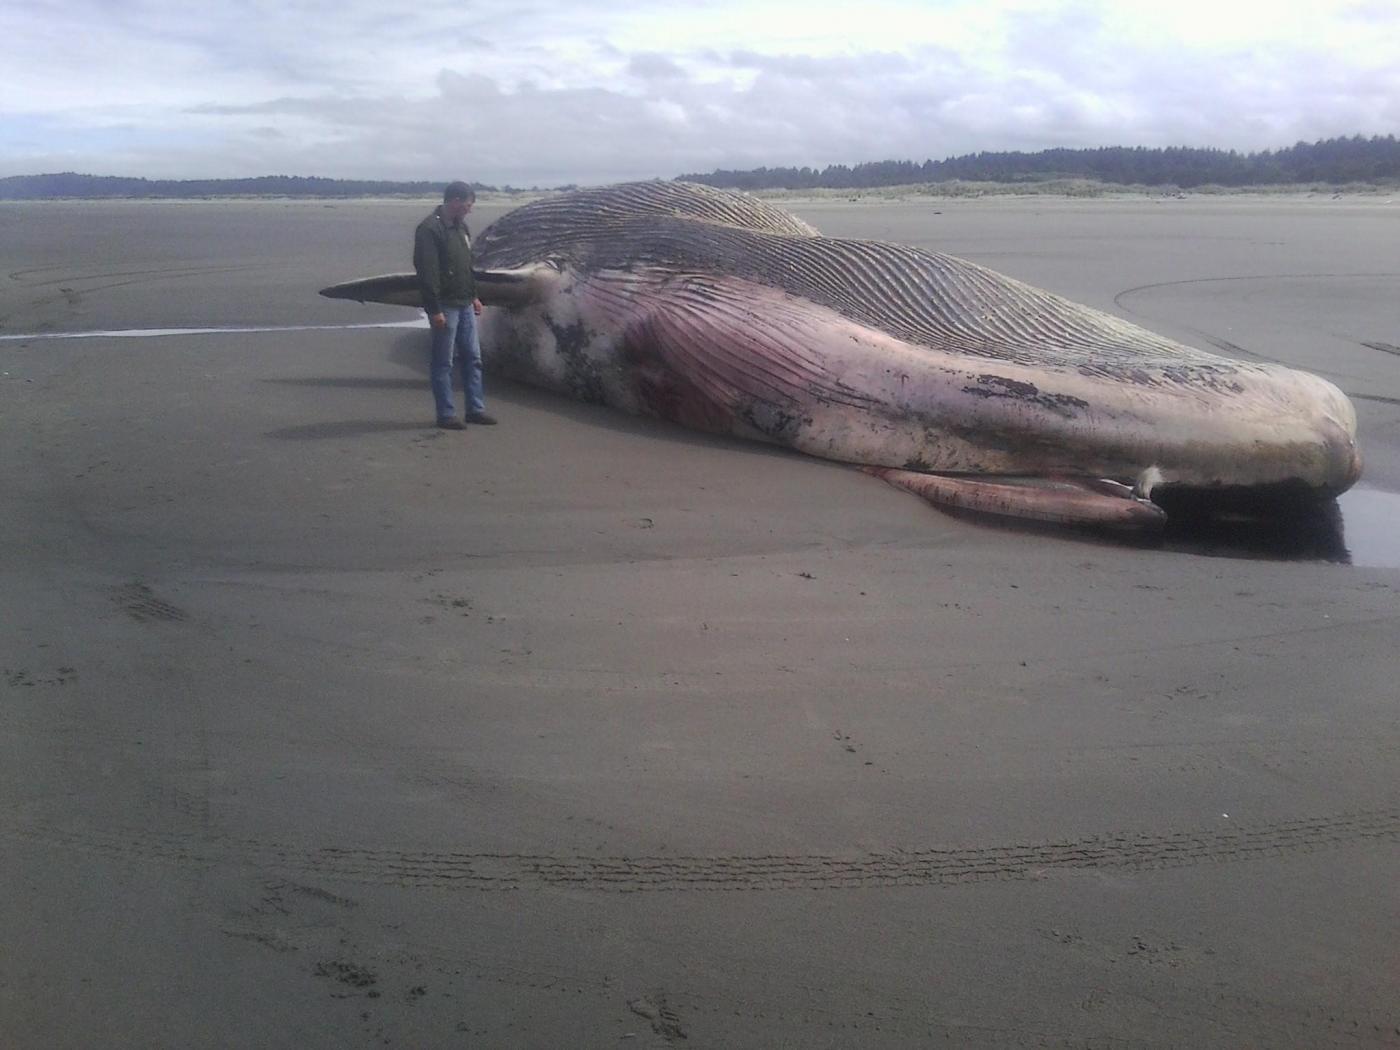 Balena spiaggiata a Ocean Shores